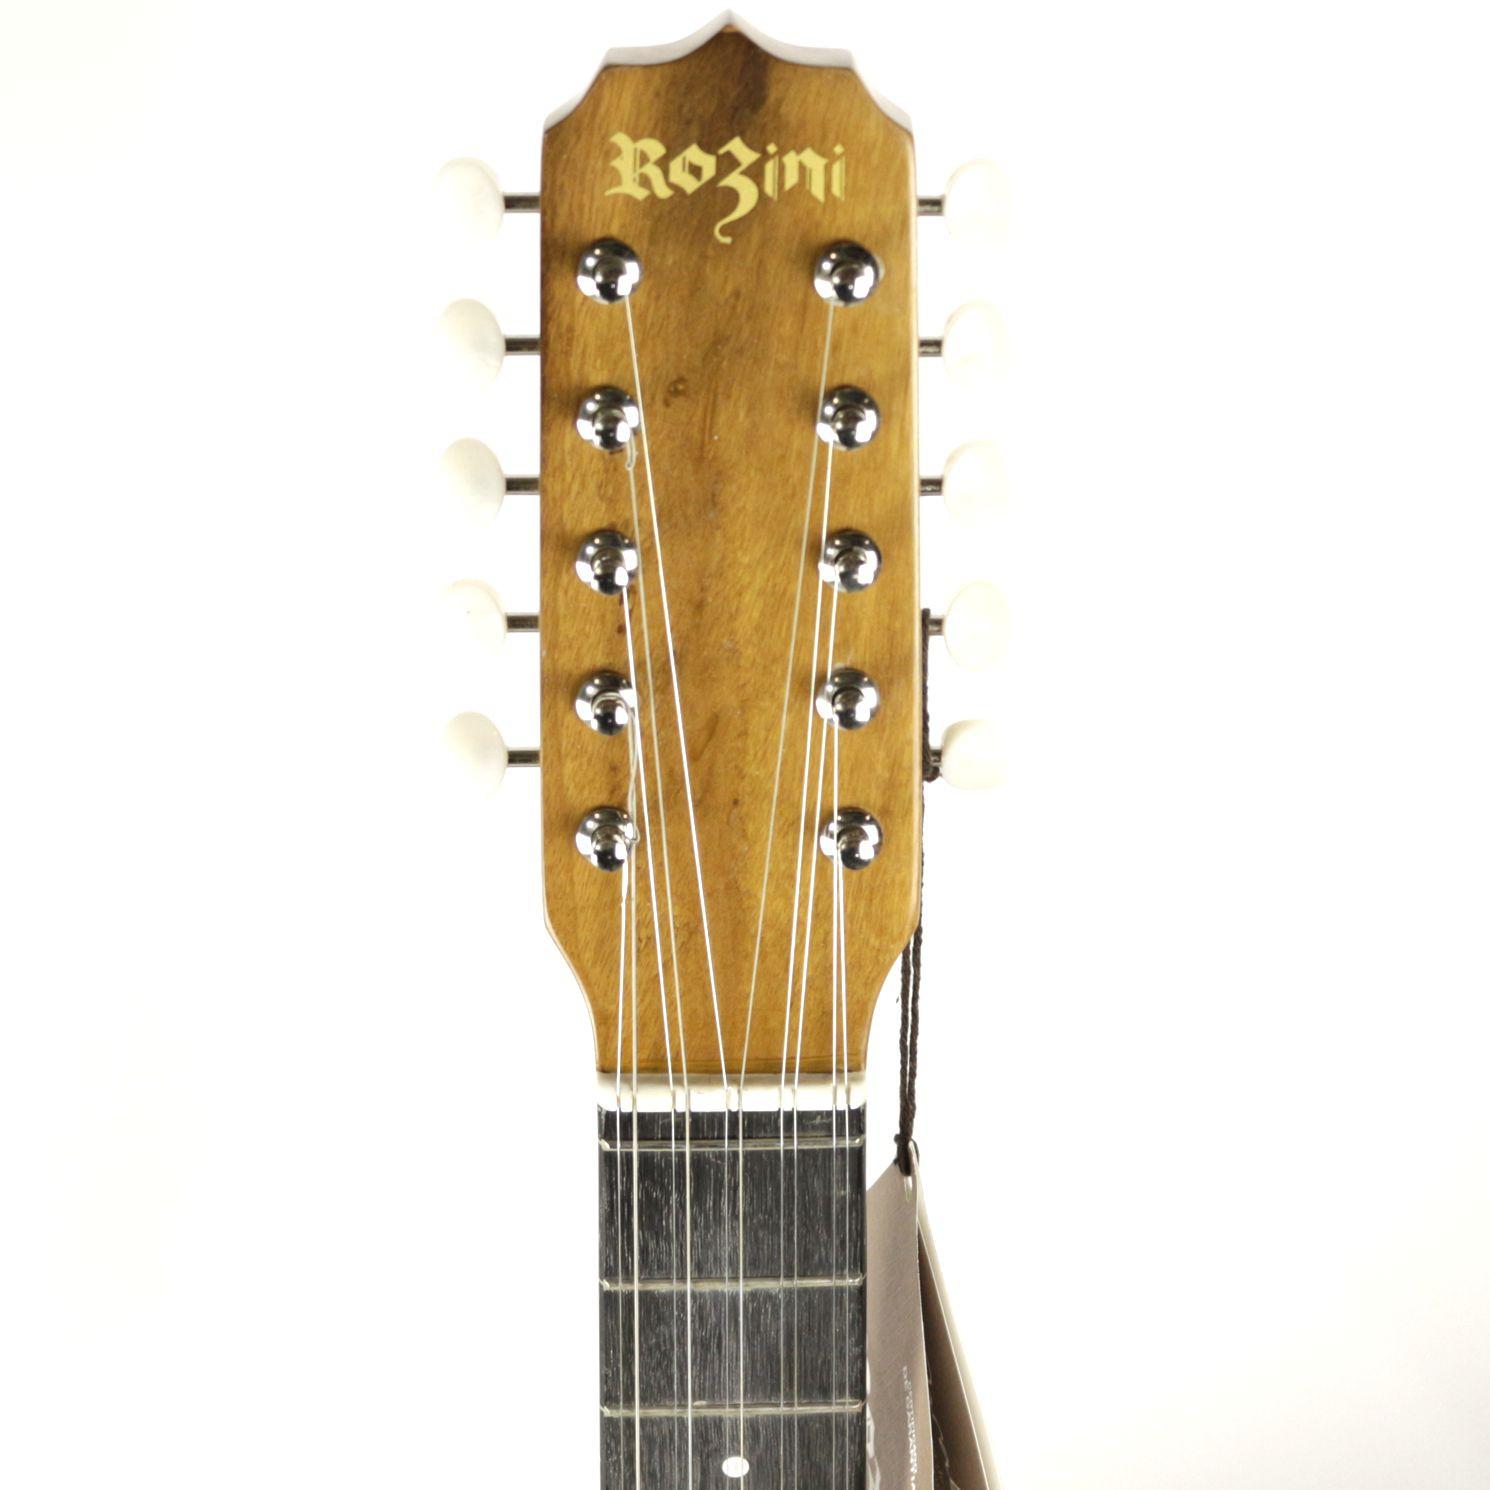 Viola Caipira Rozini RV151 Ponteio Acústica RV-151-AC-NA Brilhante